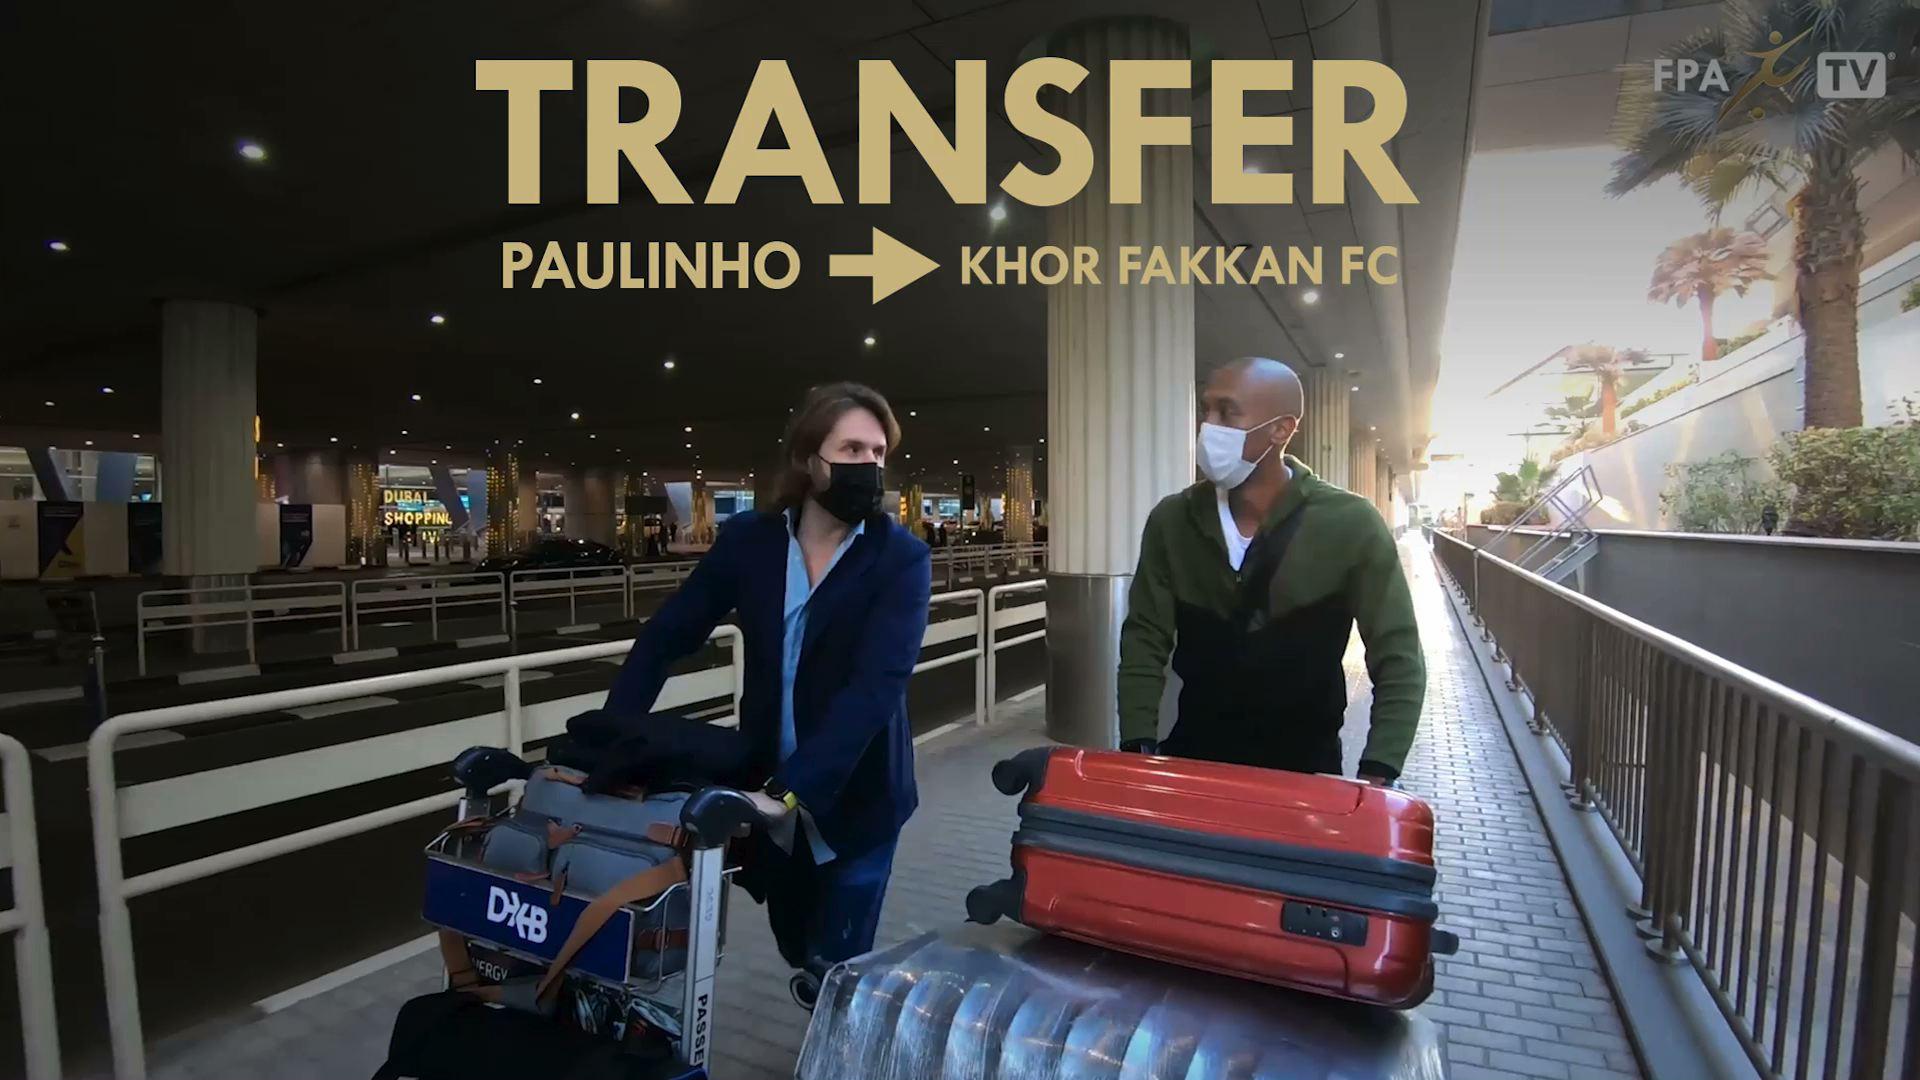 Transferência de Paulinho para o Khofarkkan